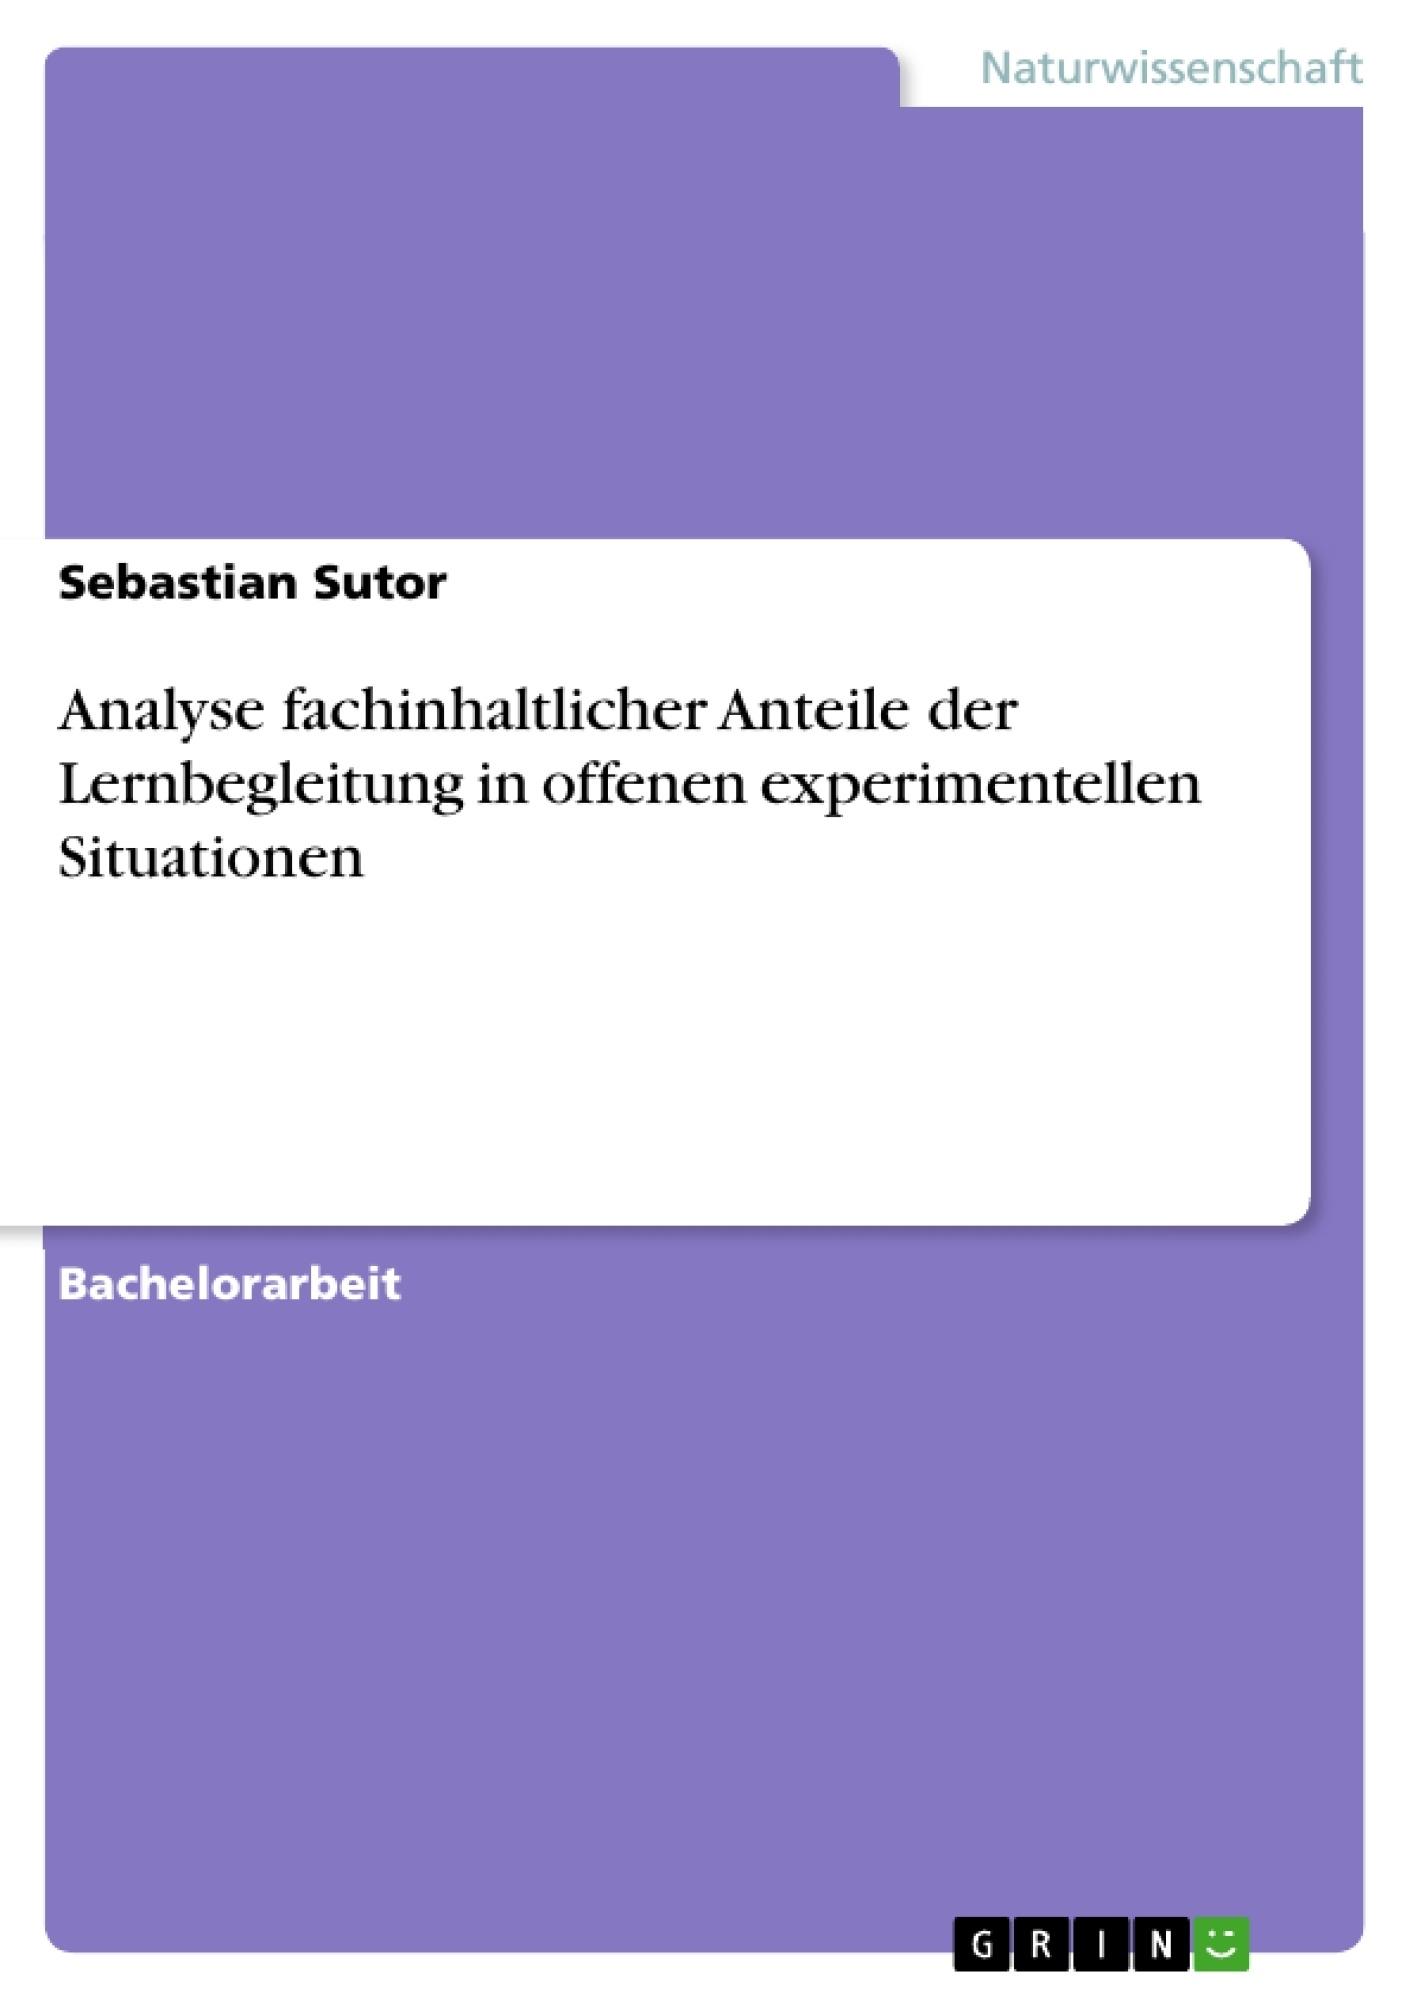 Titel: Analyse fachinhaltlicher Anteile der  Lernbegleitung in offenen experimentellen Situationen